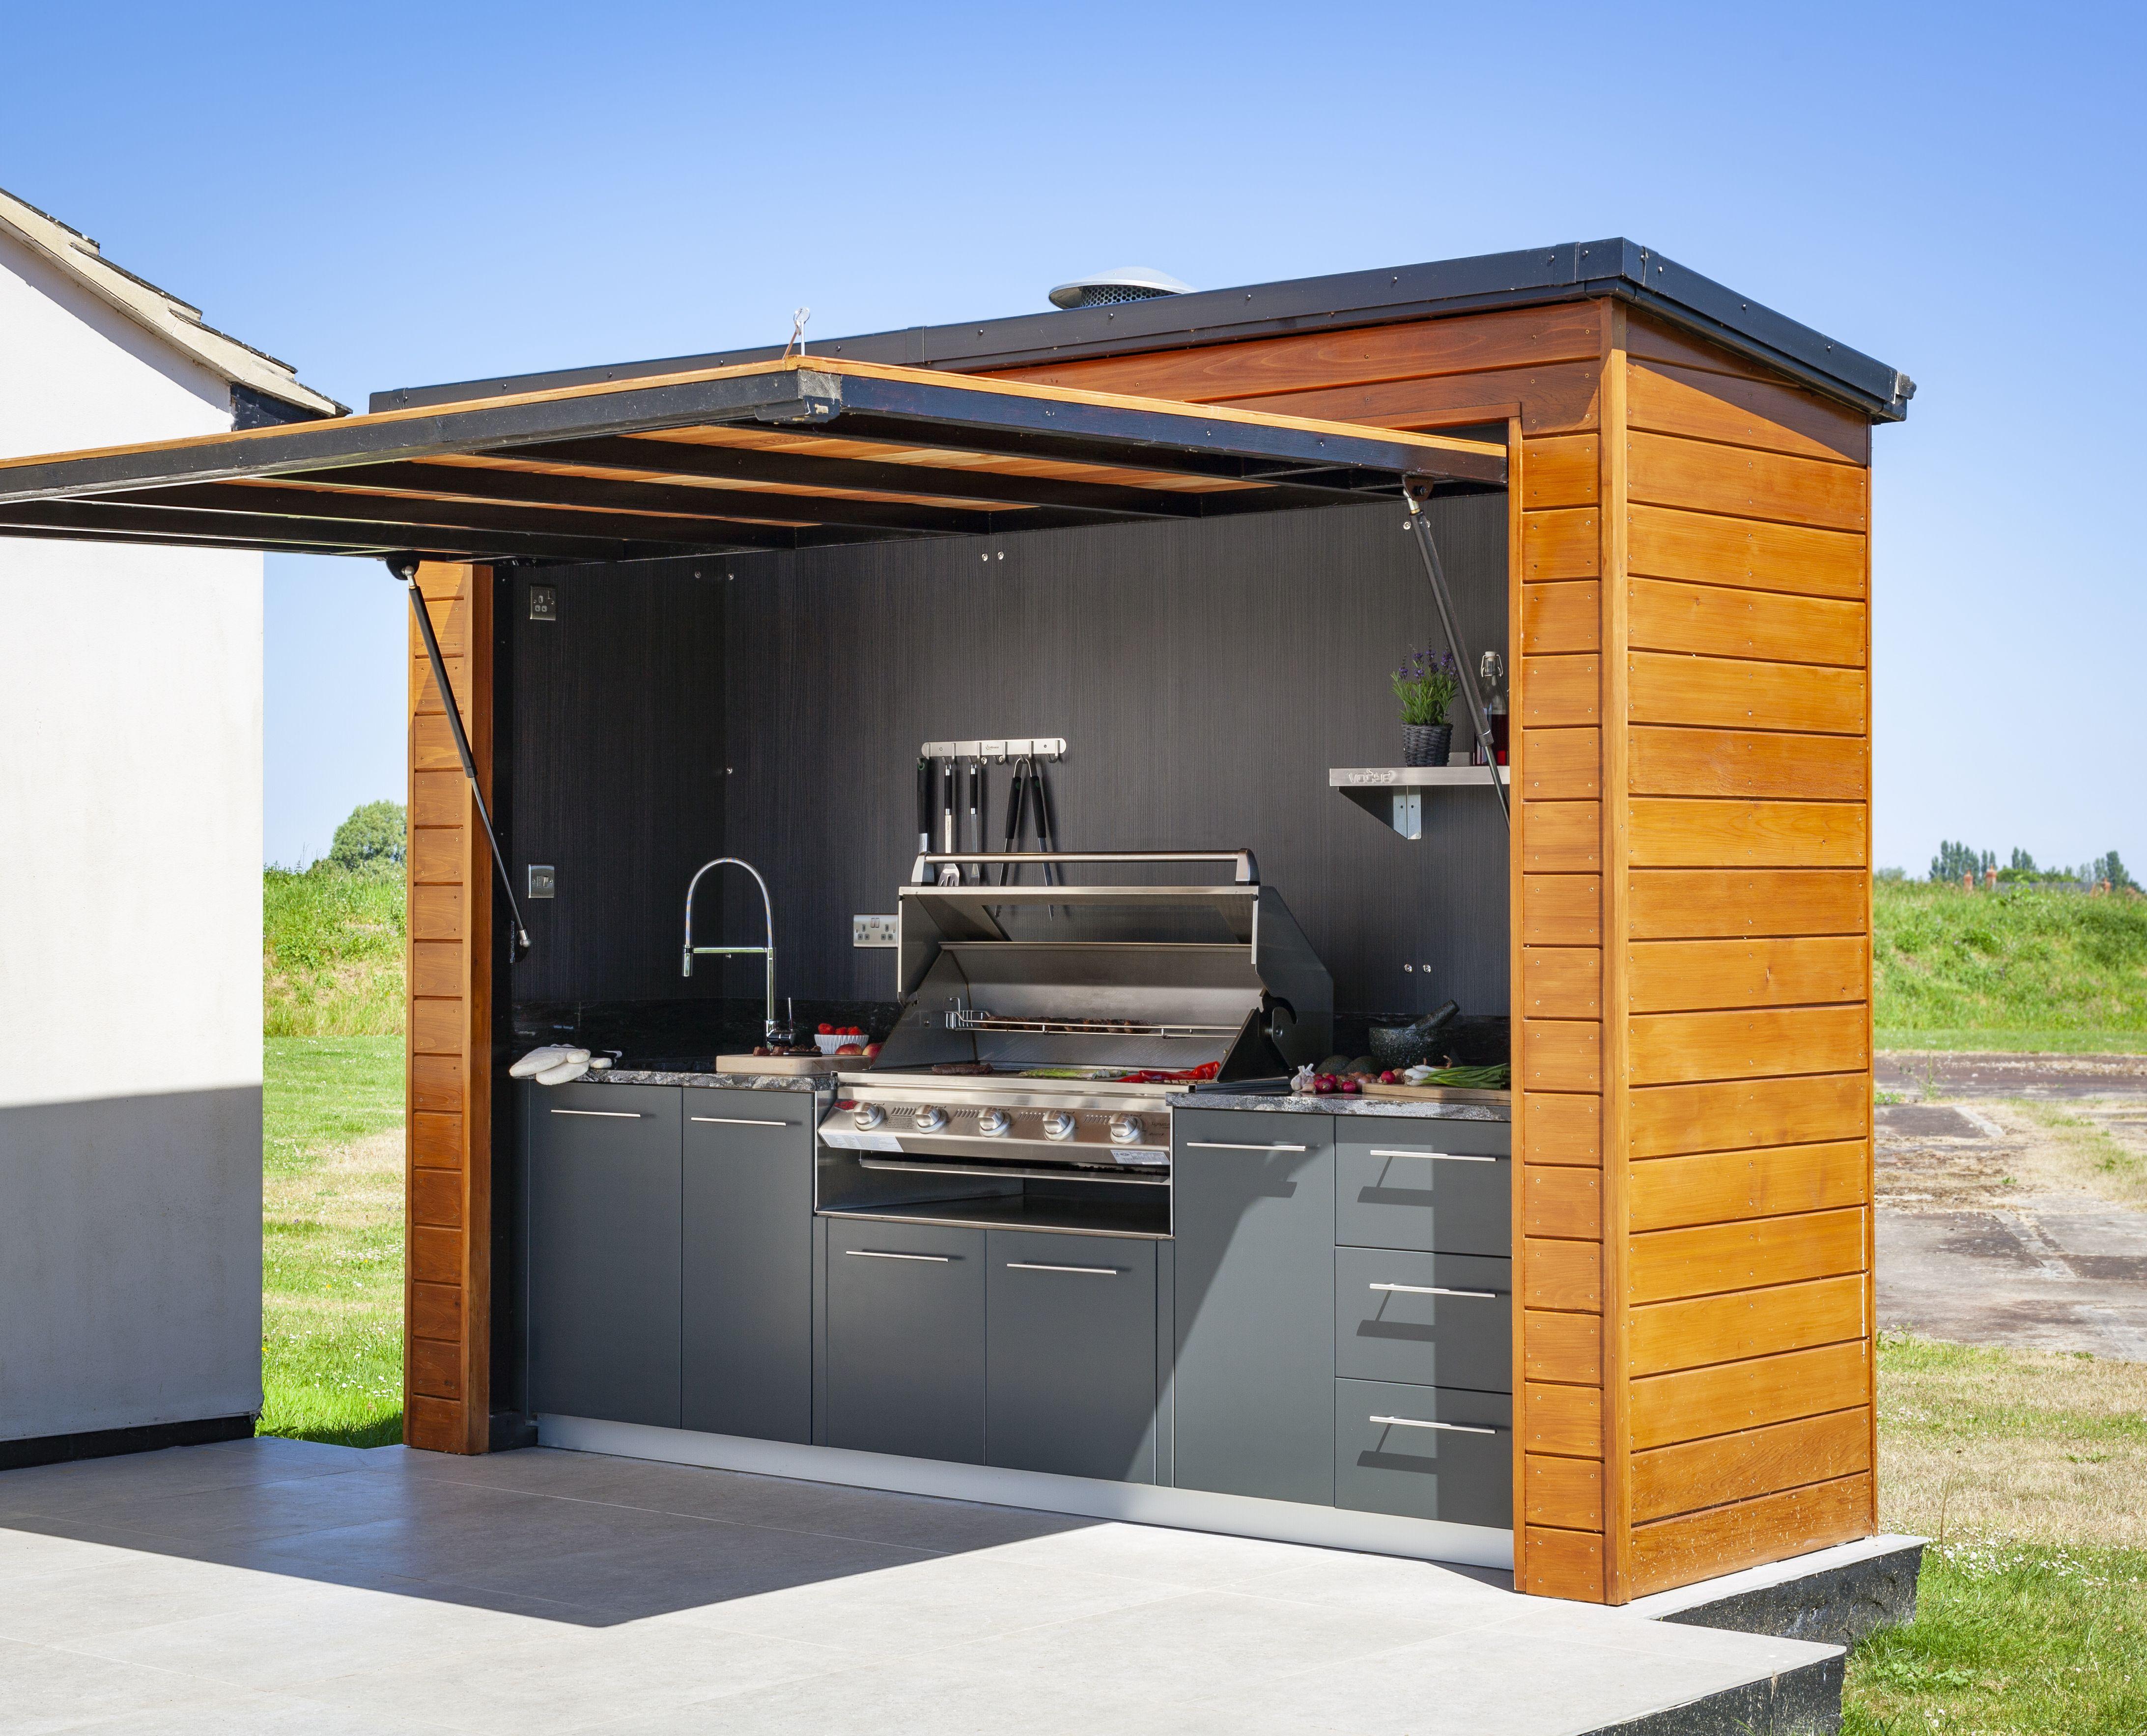 11 Gorgeous Outdoor Kitchen Ideas Build Outdoor Kitchen Outdoor Bbq Kitchen Outdoor Kitchen Patio Outdoor garden kitchen designs